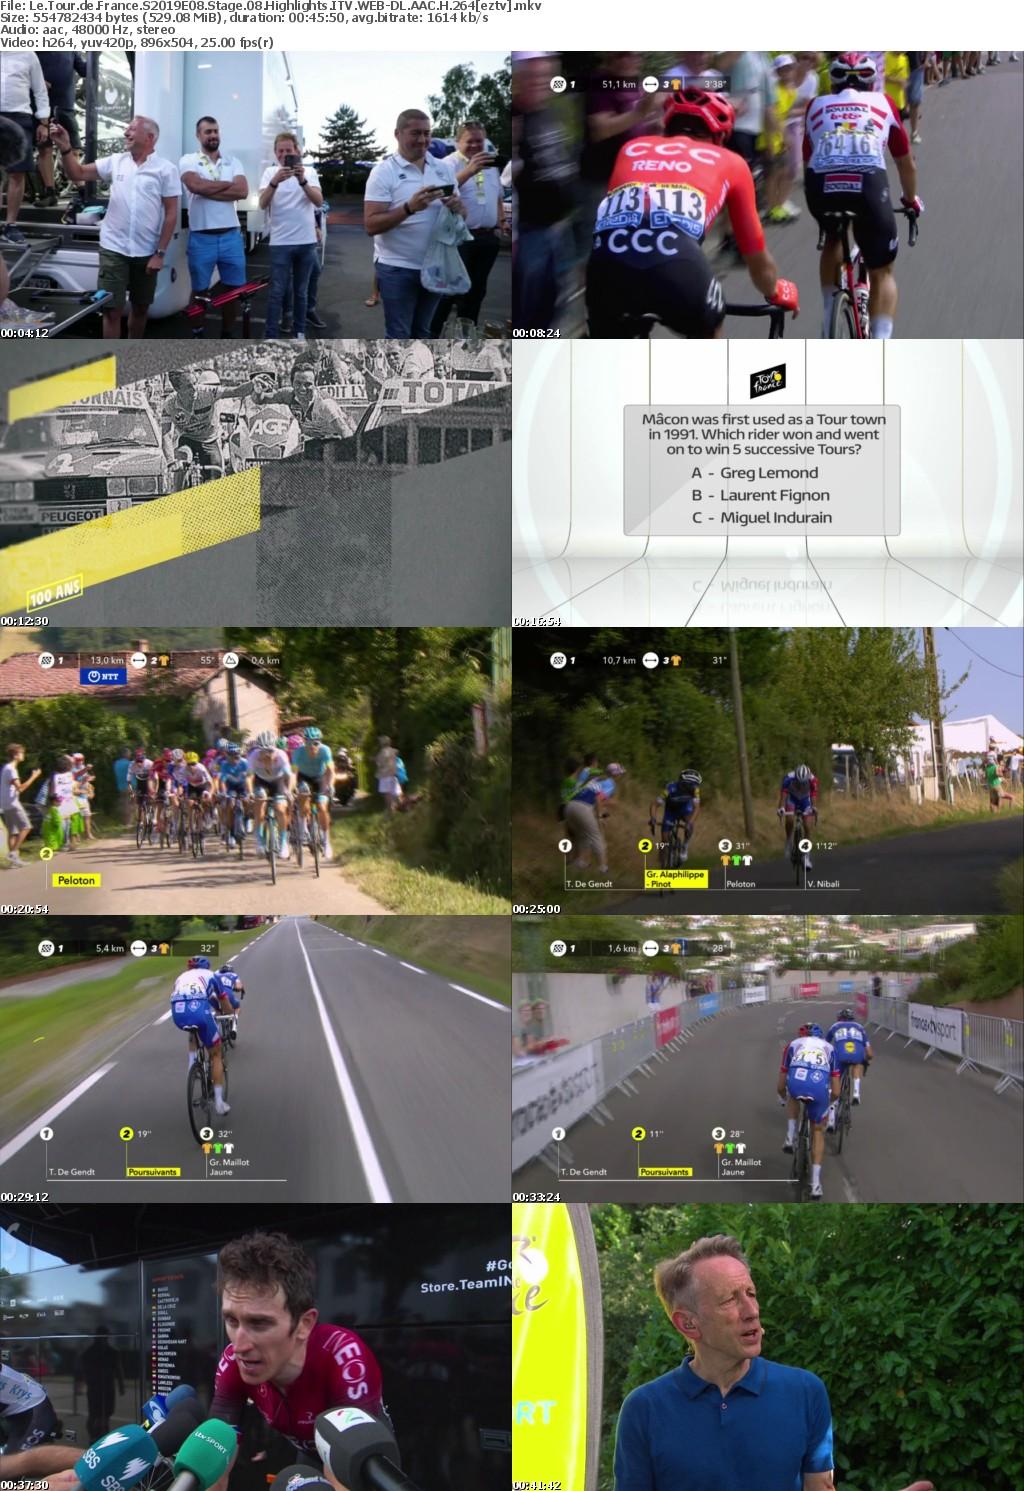 Le Tour de France S2019E08 Stage 08 Highlights ITV WEB DL AAC H 264